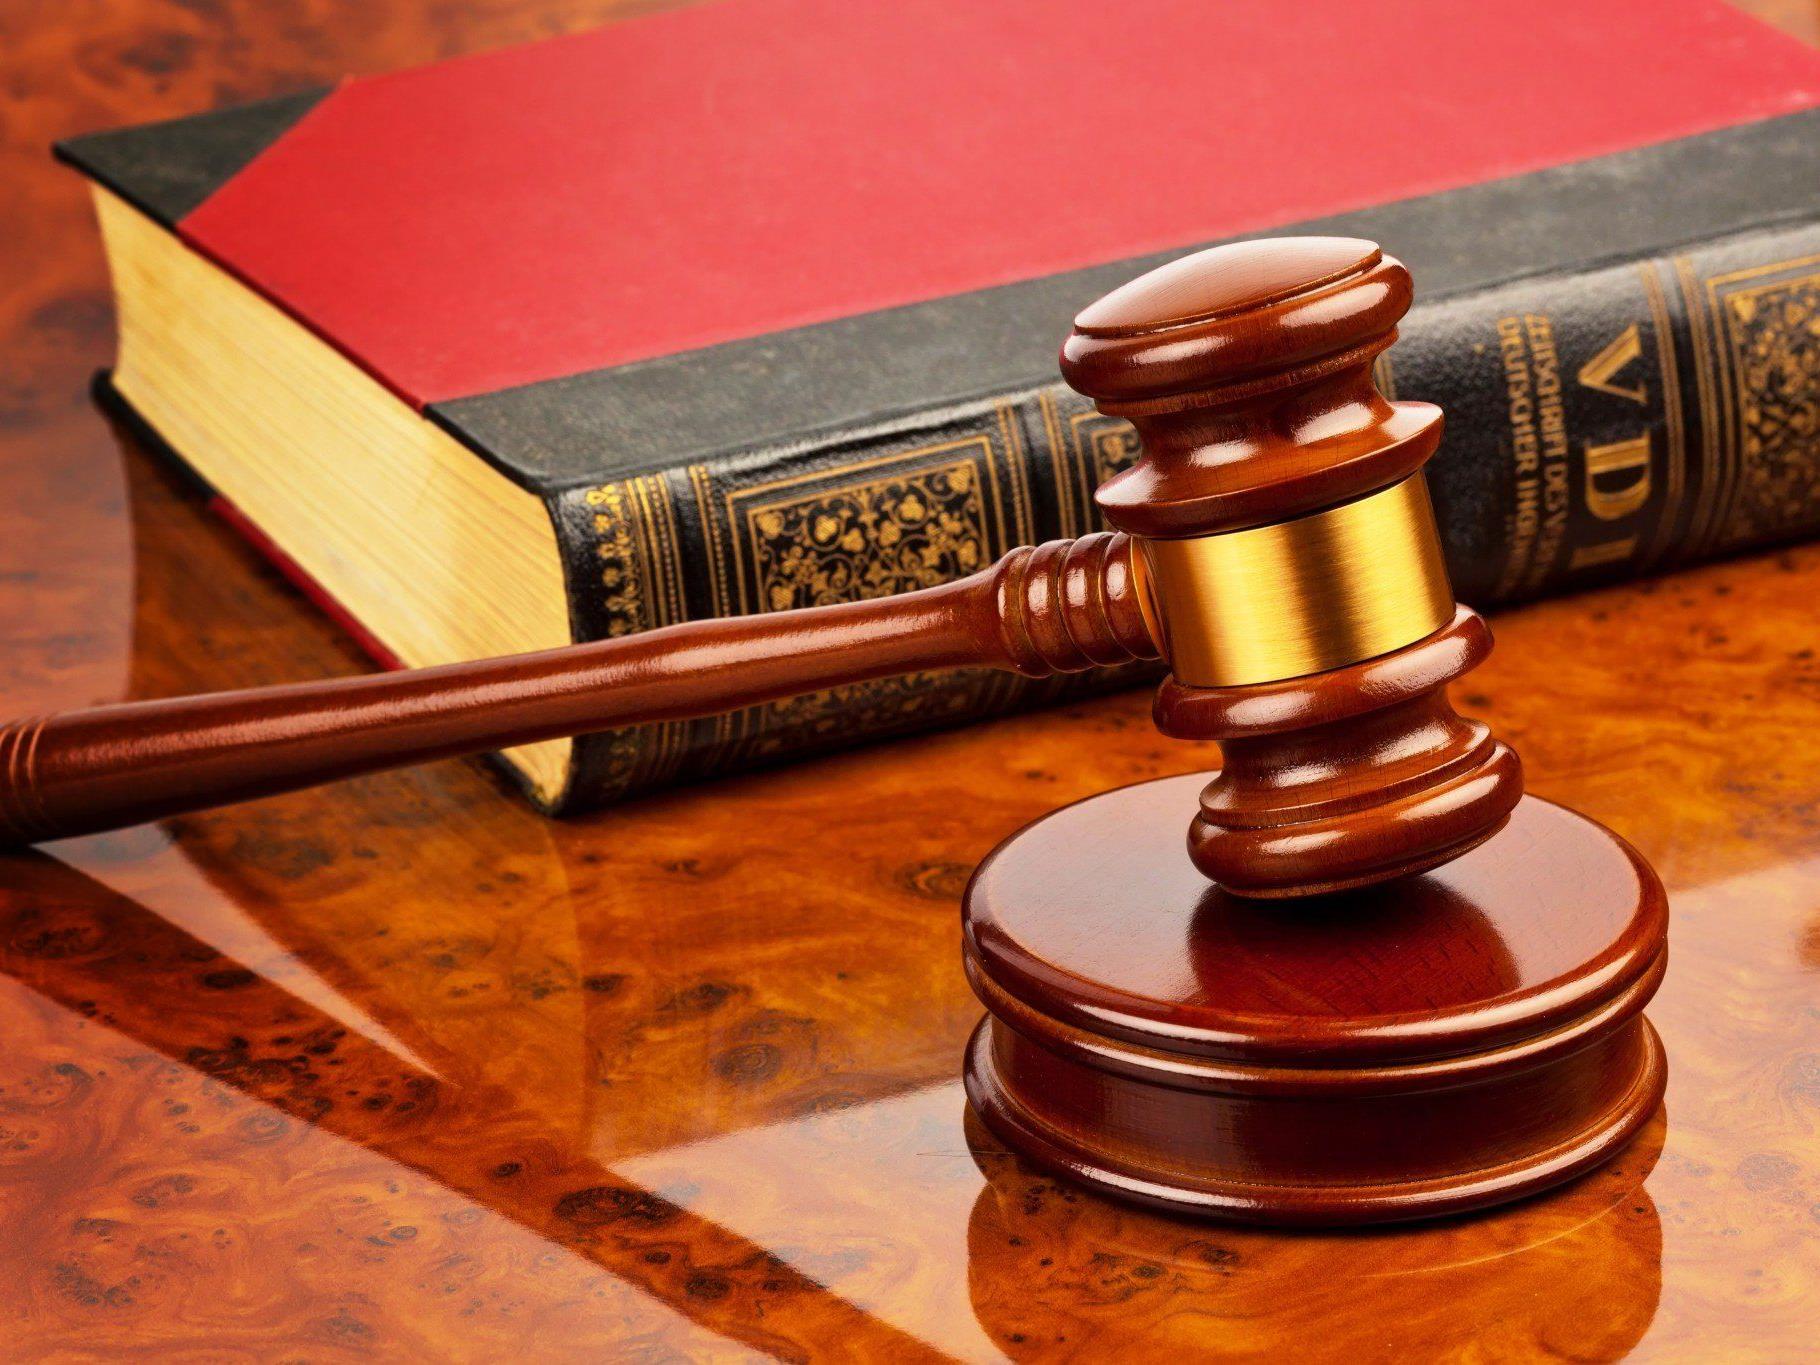 Richter: Vor allem Männer würden oft nicht verstehen, dass es um die erlittene seelische Verletzung gehe.